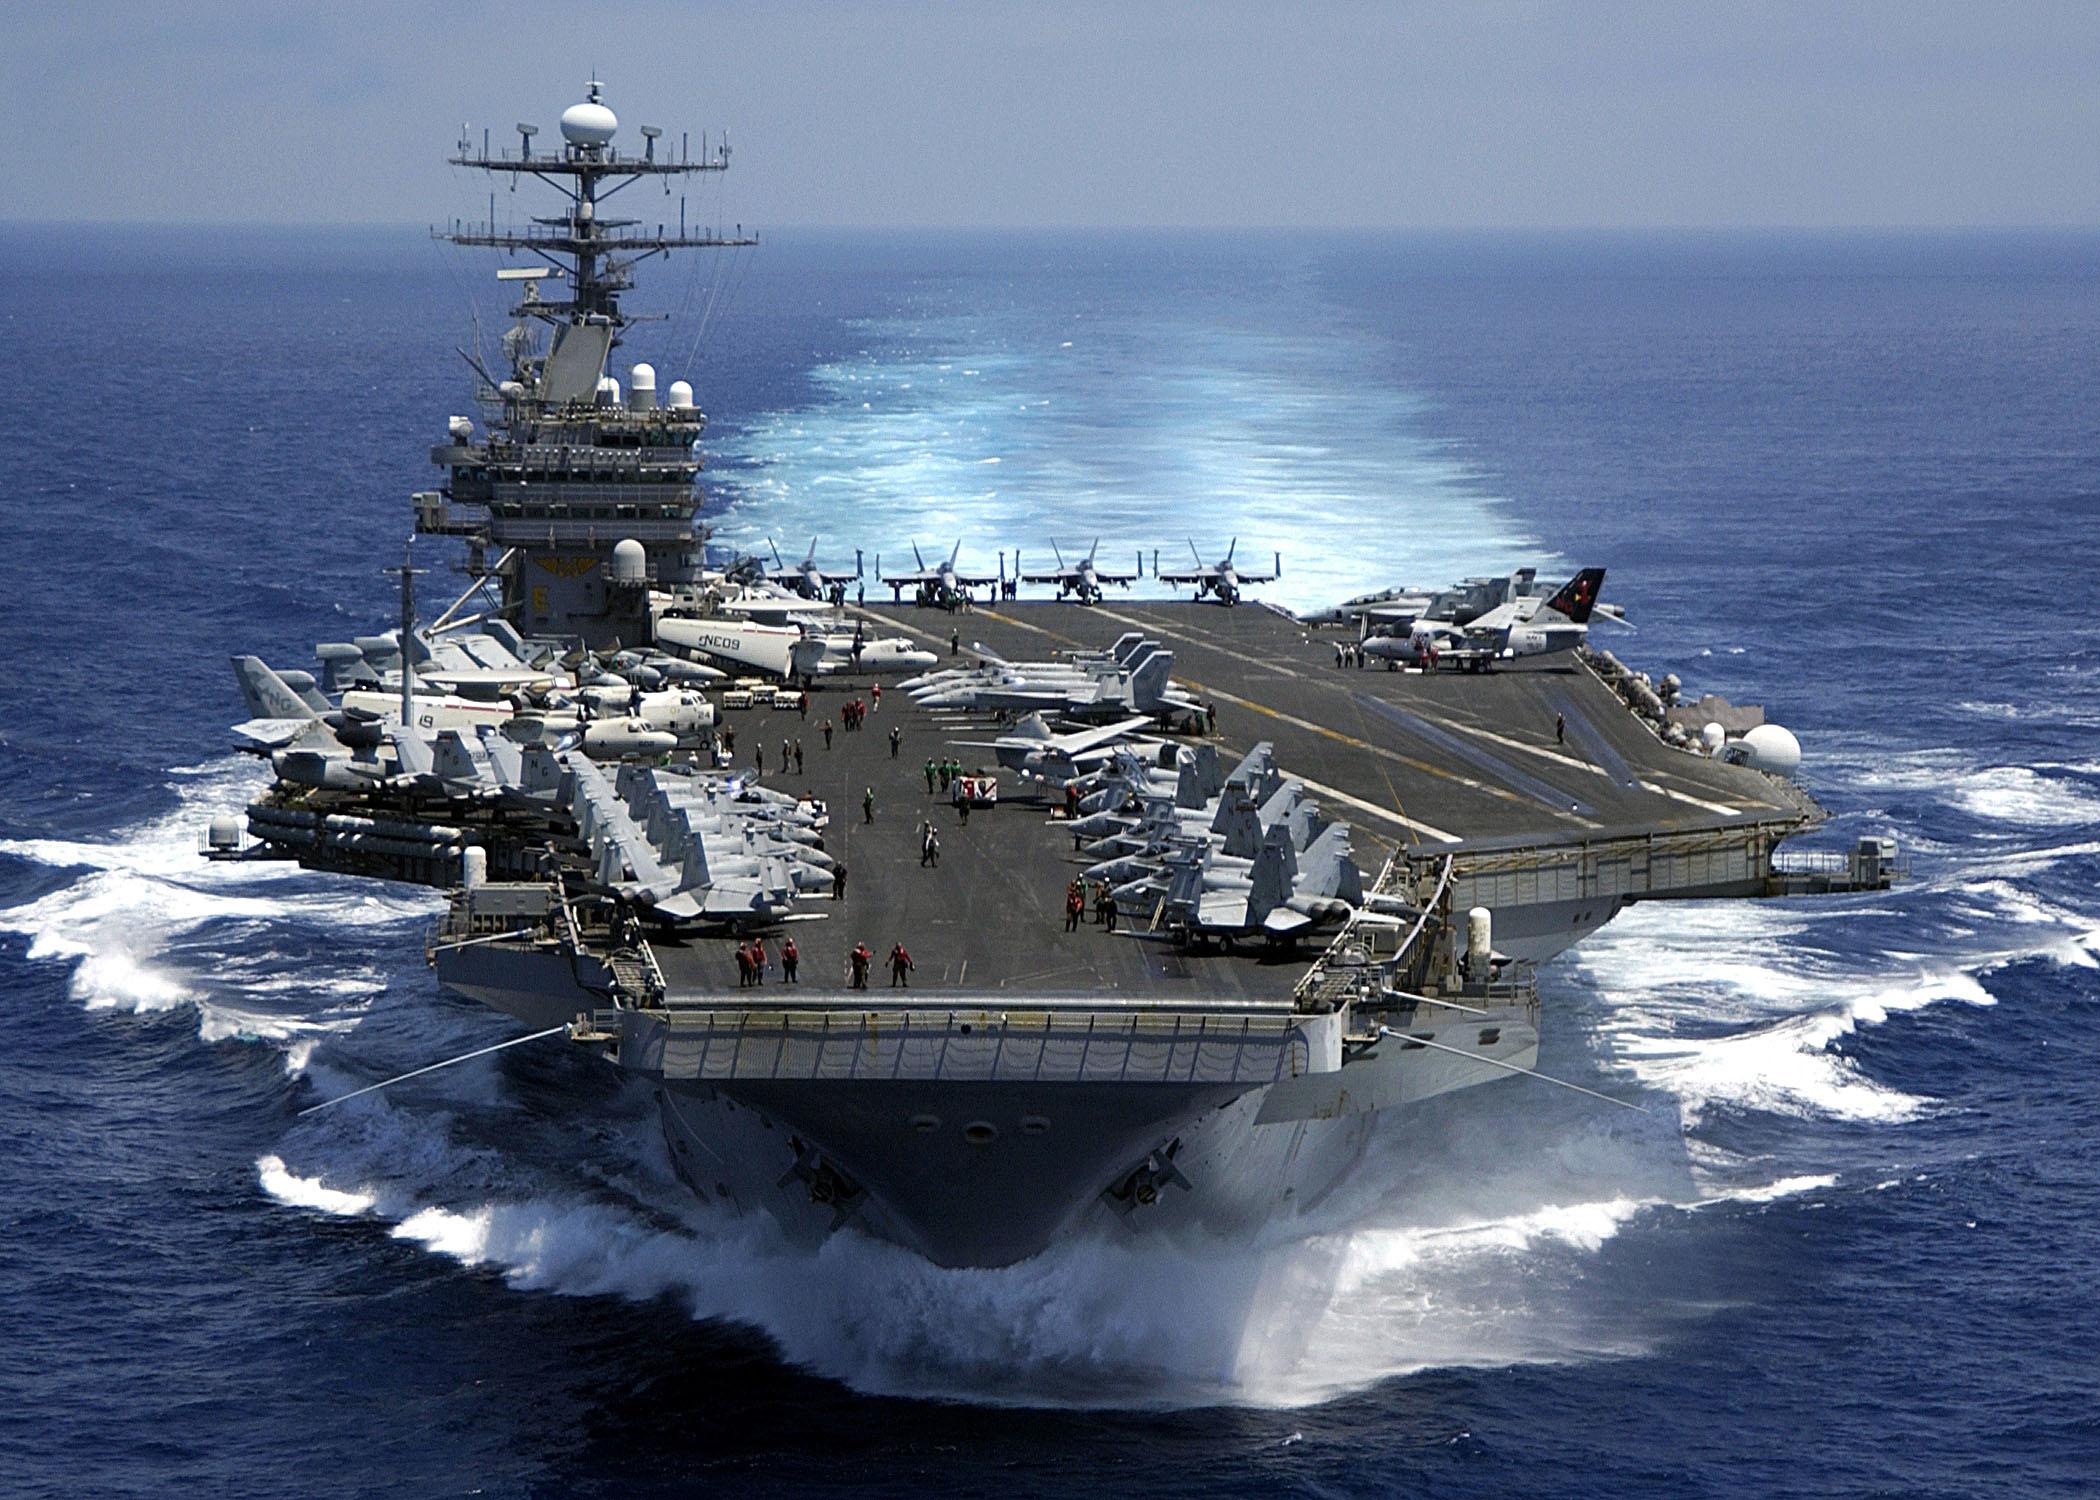 احتمال حضور ناو هواپیمابر ترومن در خلیج فارس